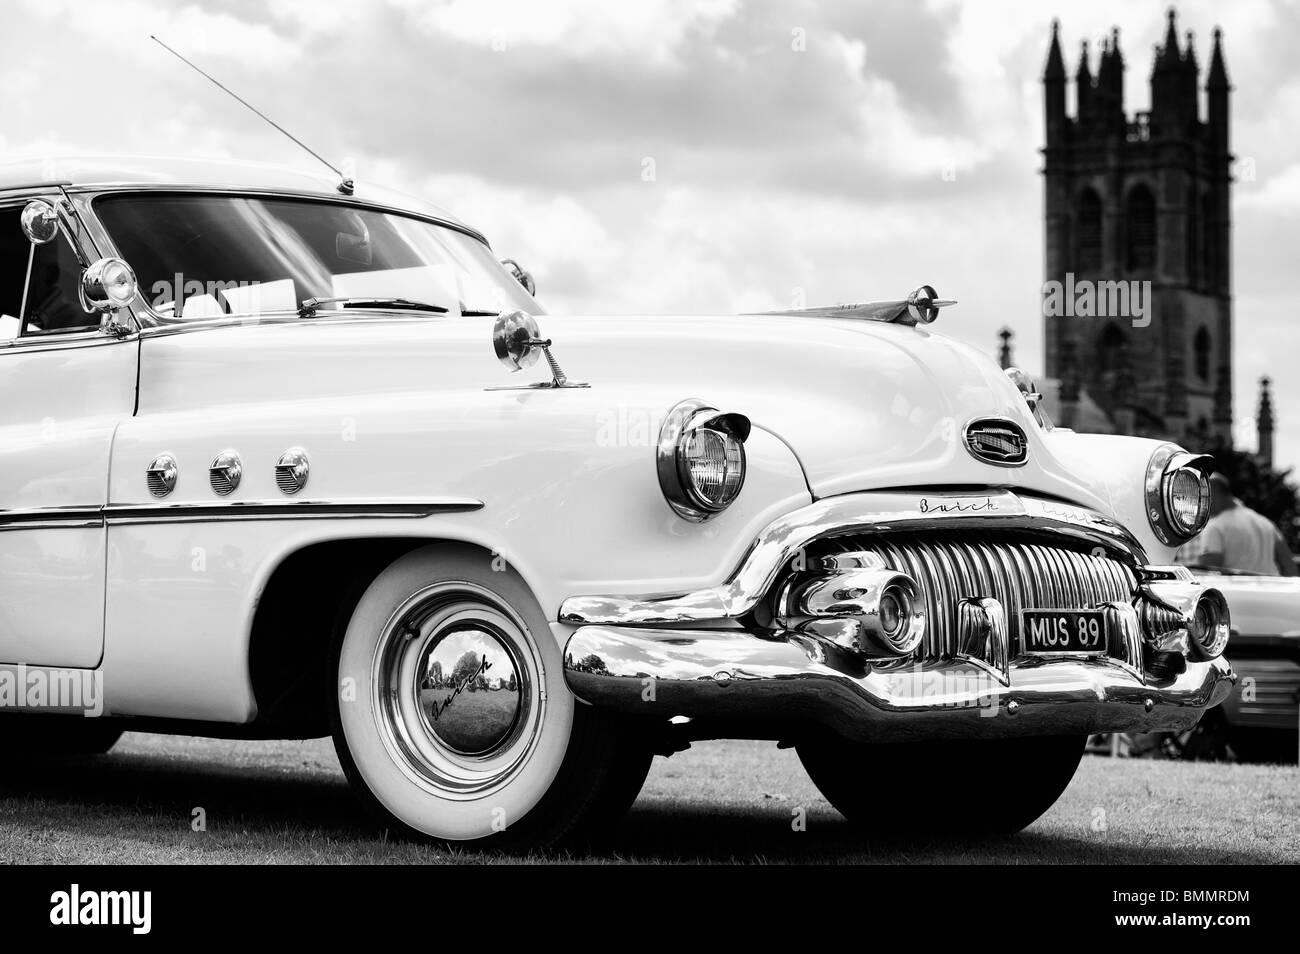 Huit Buick face avant, une voiture américaine classique, à Churchill vintage car show, Oxfordshire, Angleterre. Photo Stock